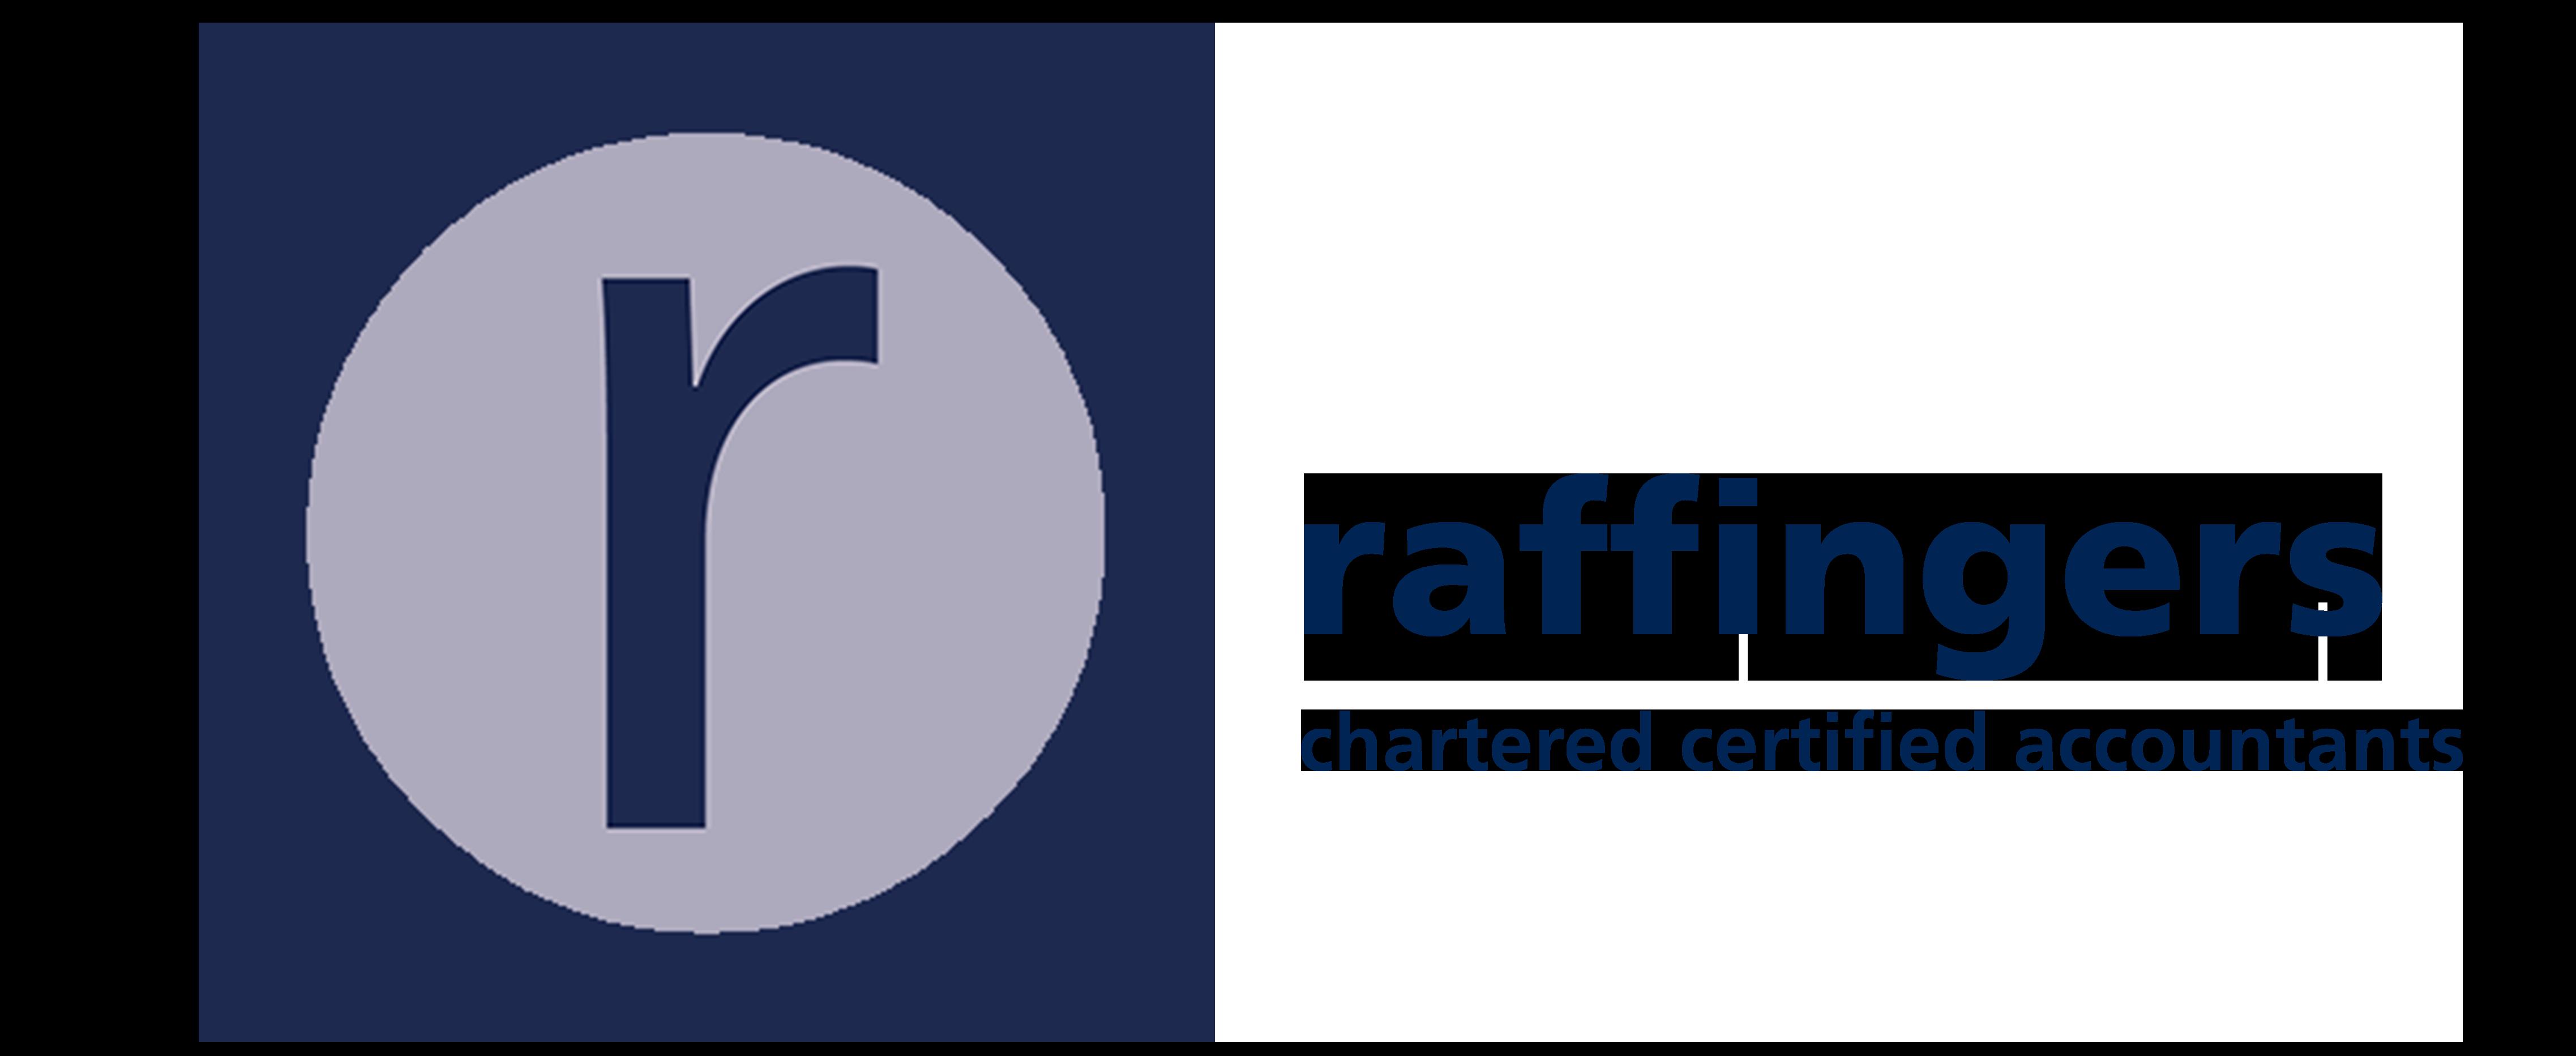 raffingers